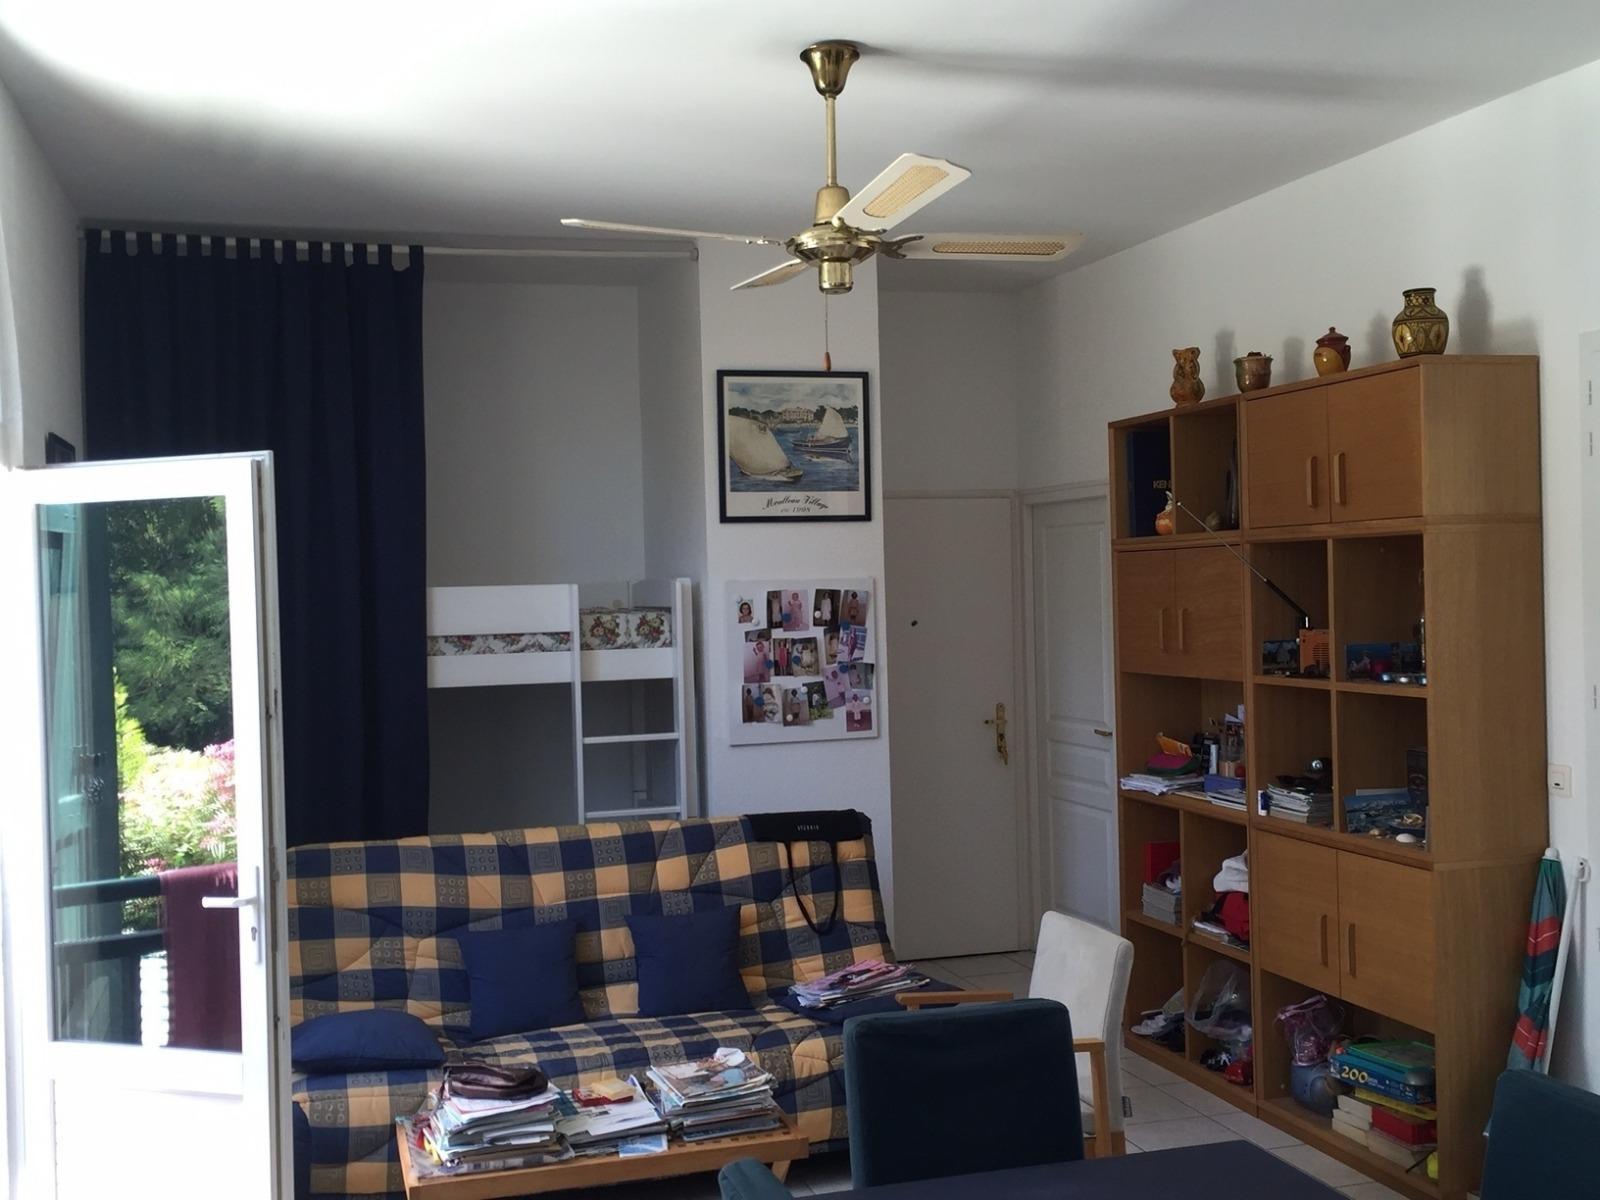 Vente appartement arcachon avec agence de la plage for Appartement vente